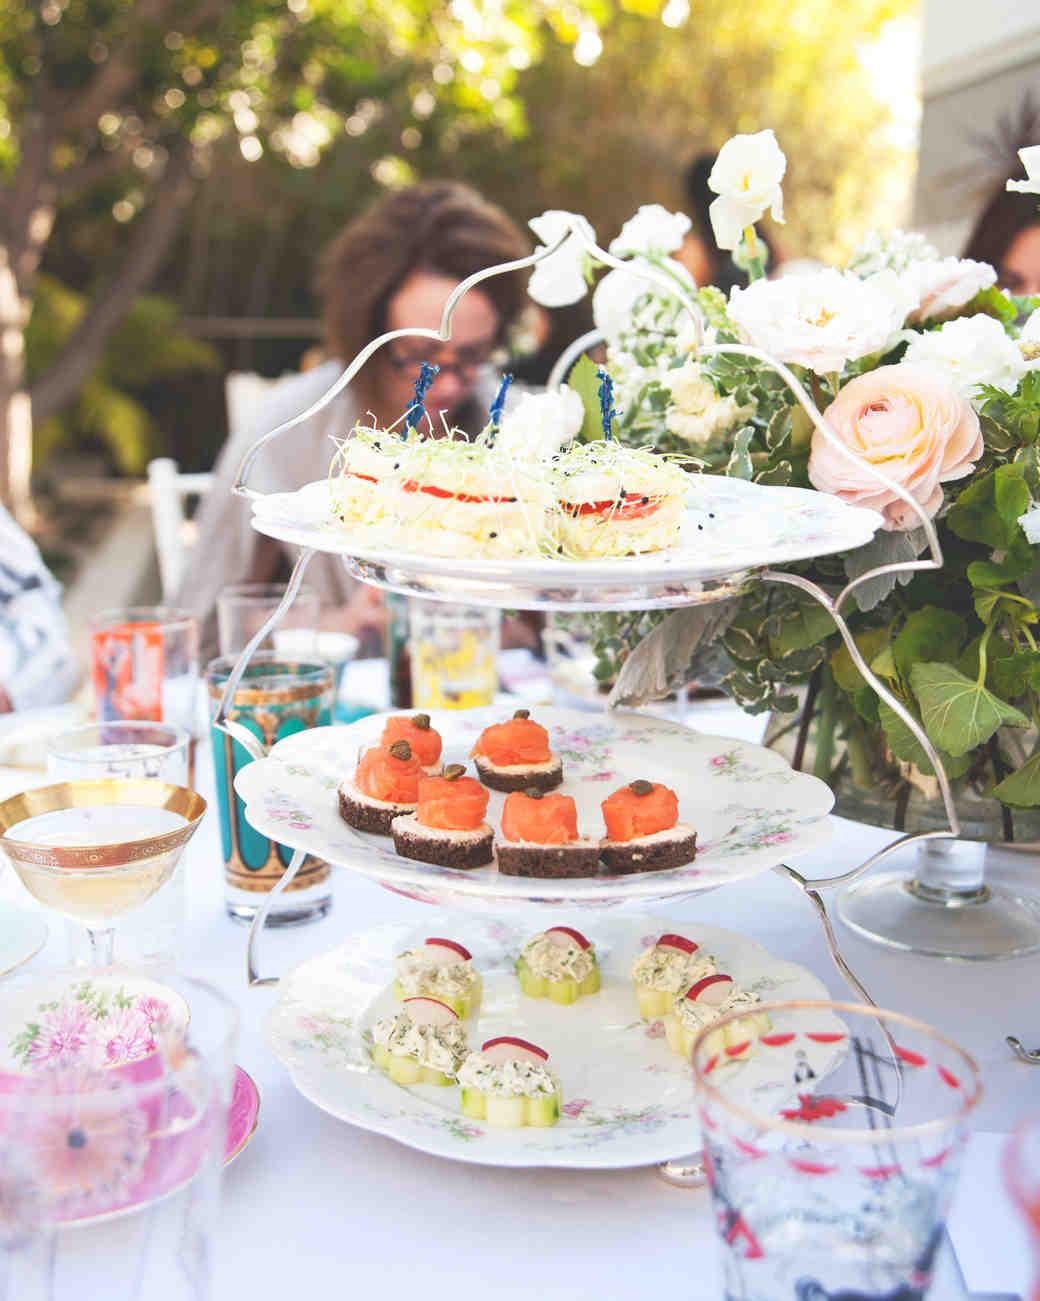 claire-thomas-bridal-shower-tea-appetizers-0215.jpg